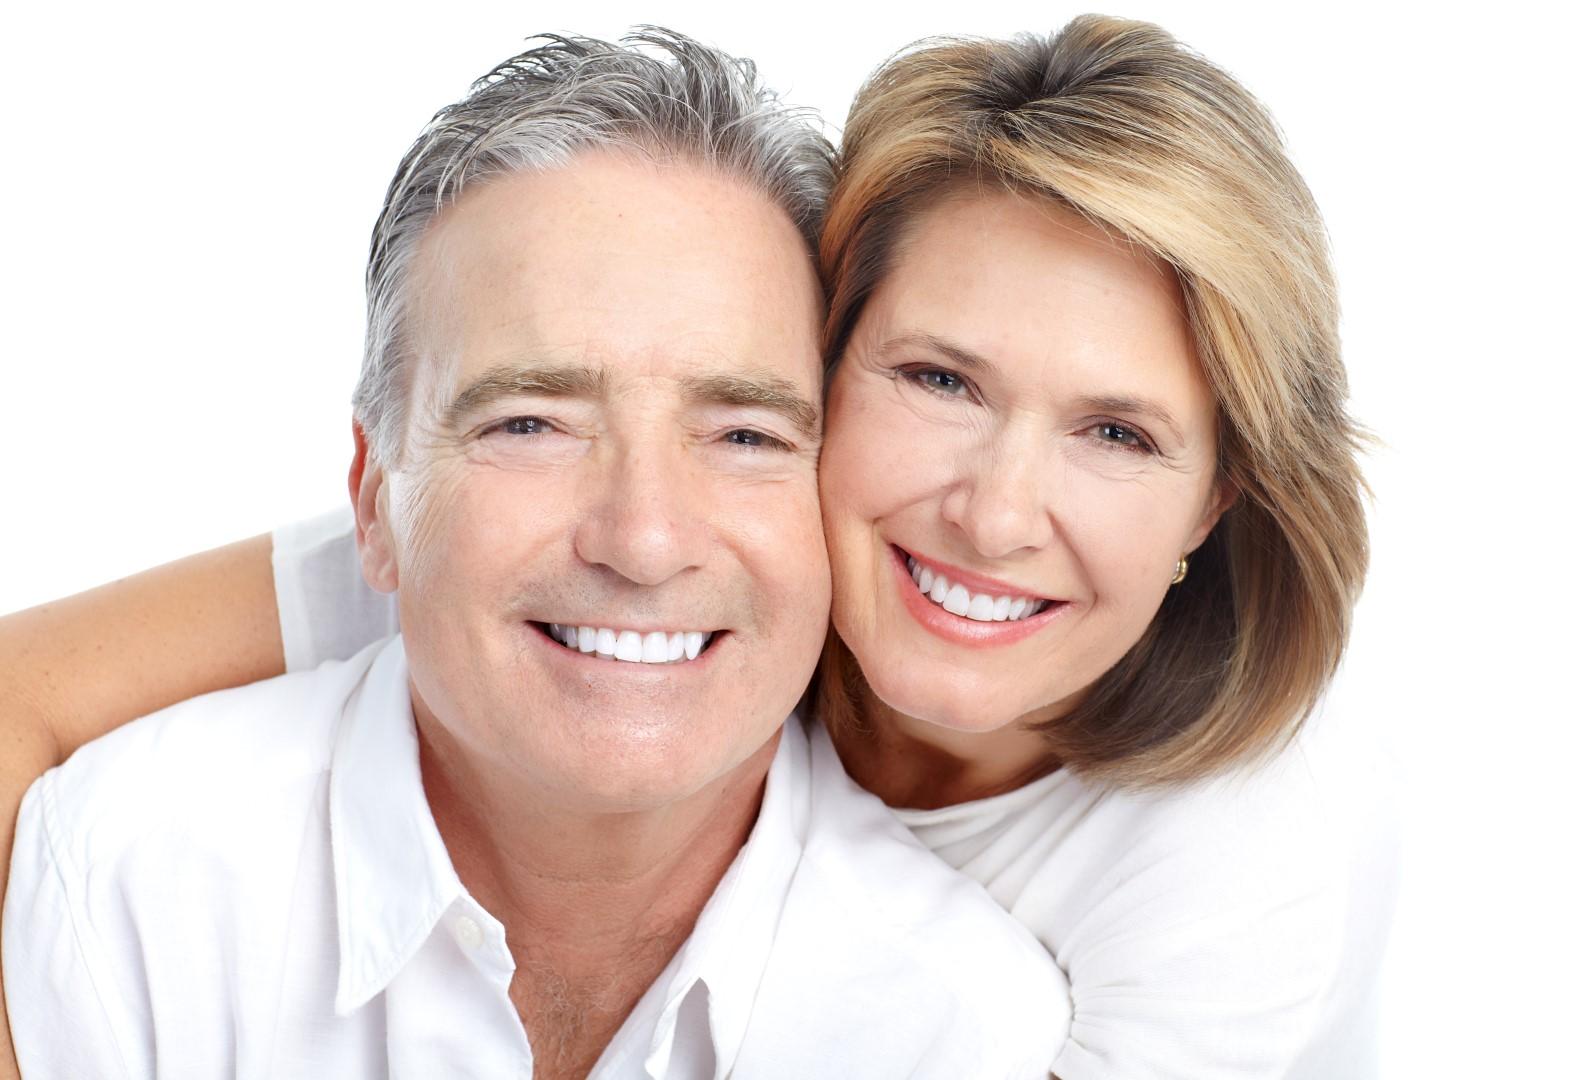 ccdental_all-age-couple.jpg